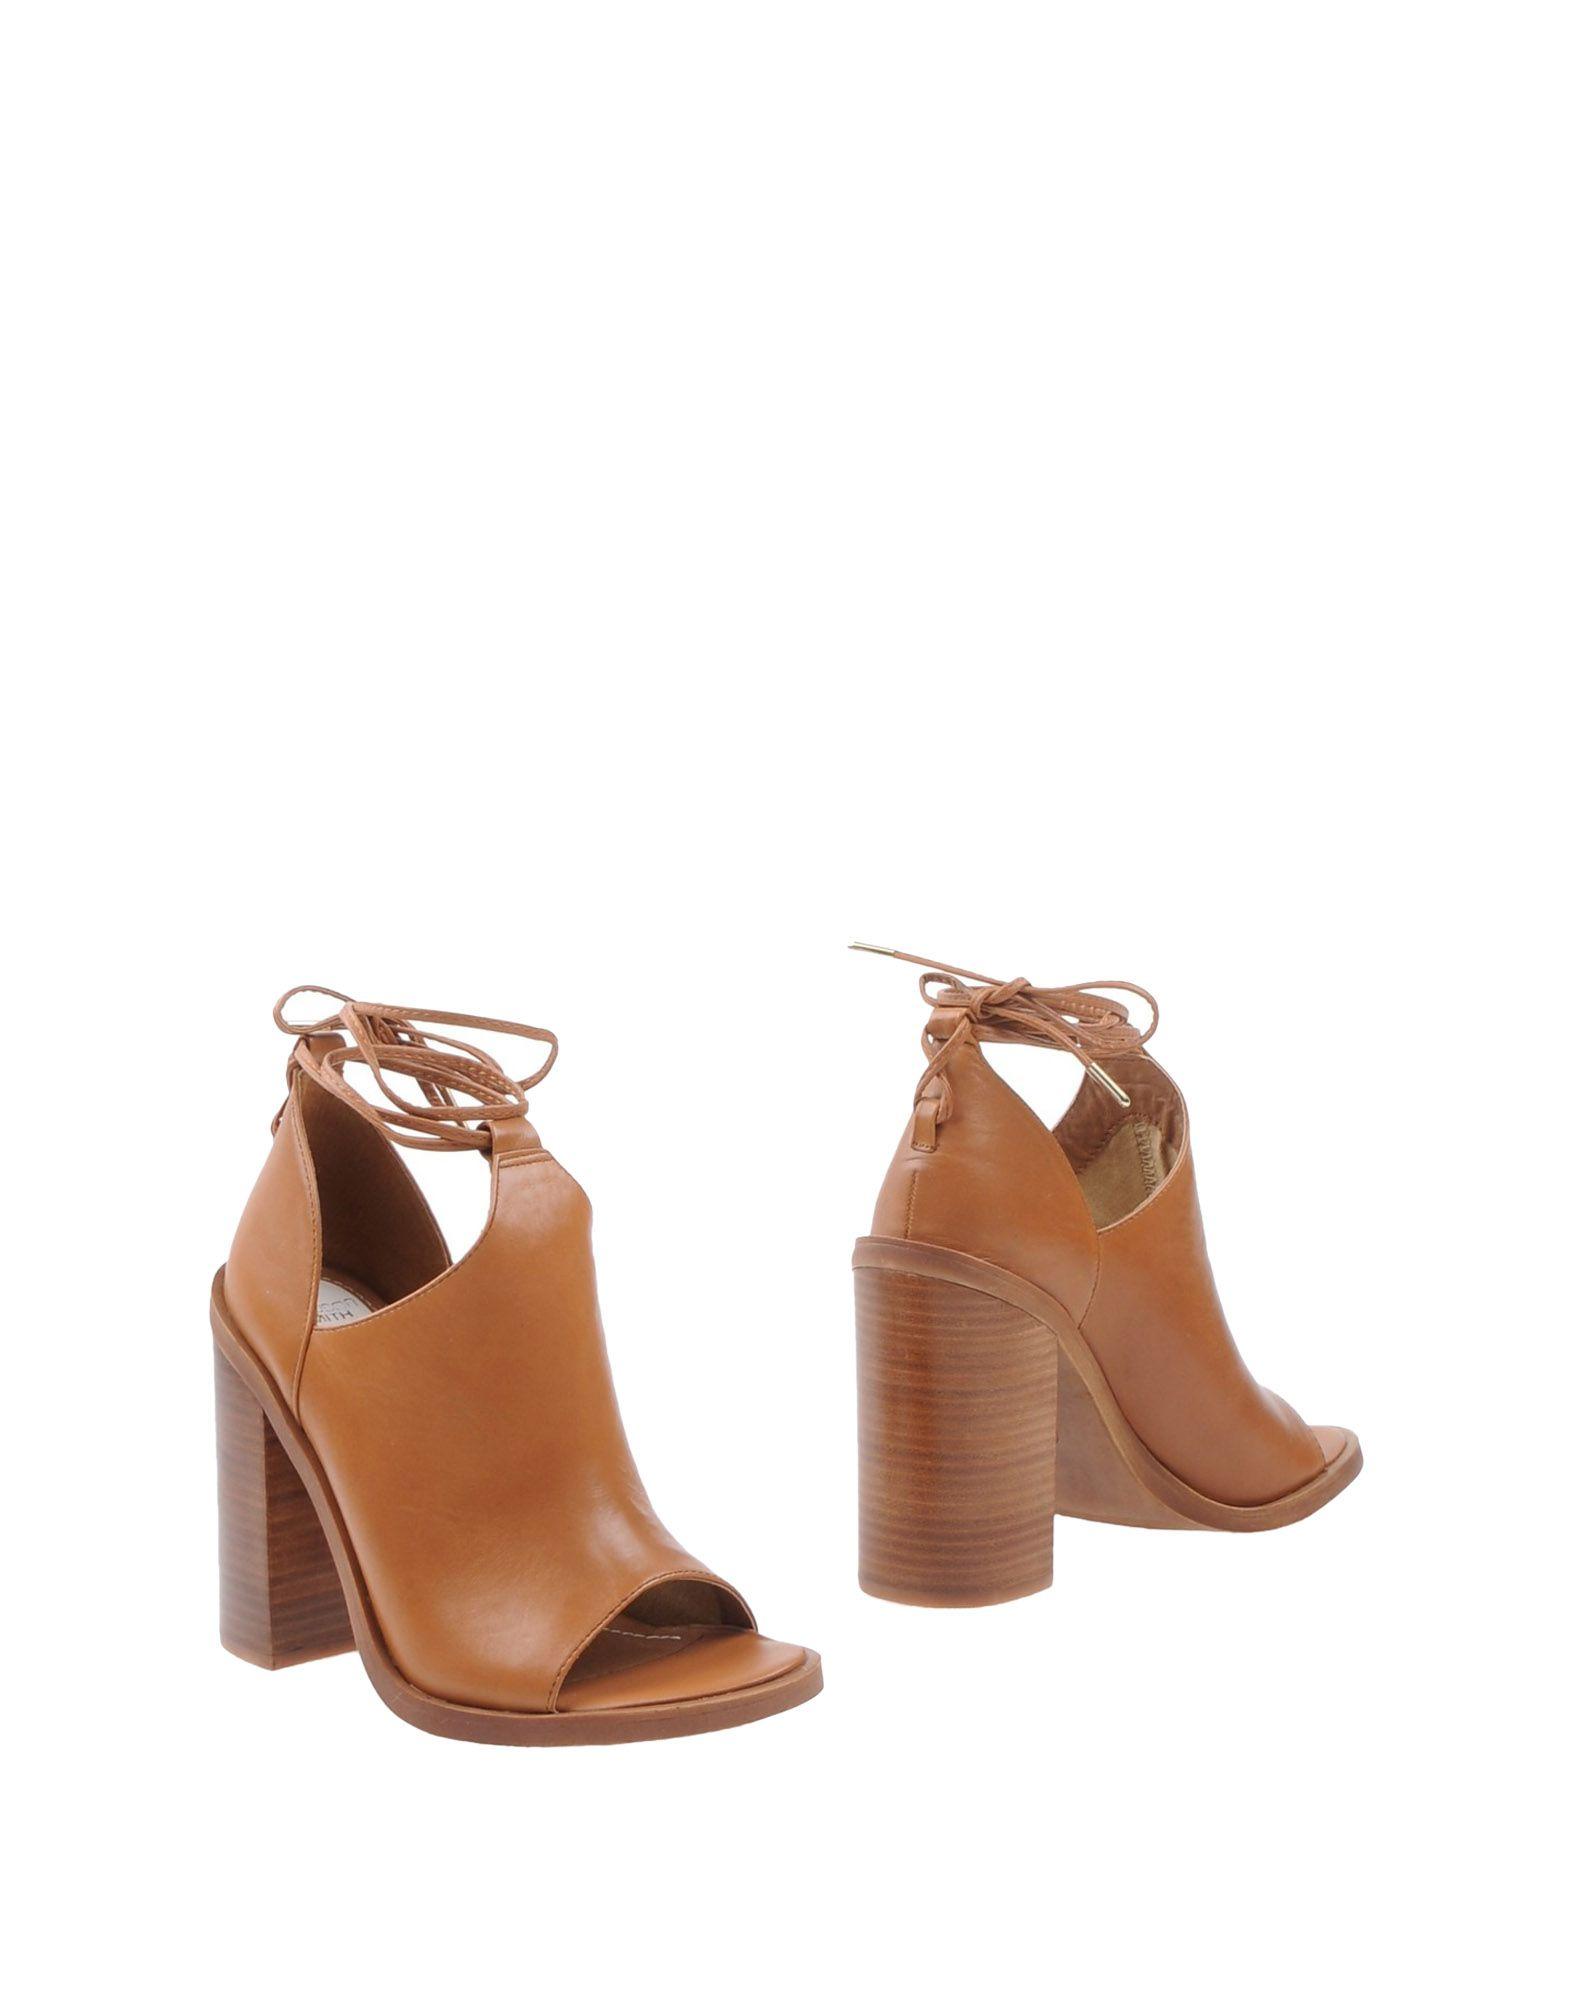 ФОТО windsor smith ботинки